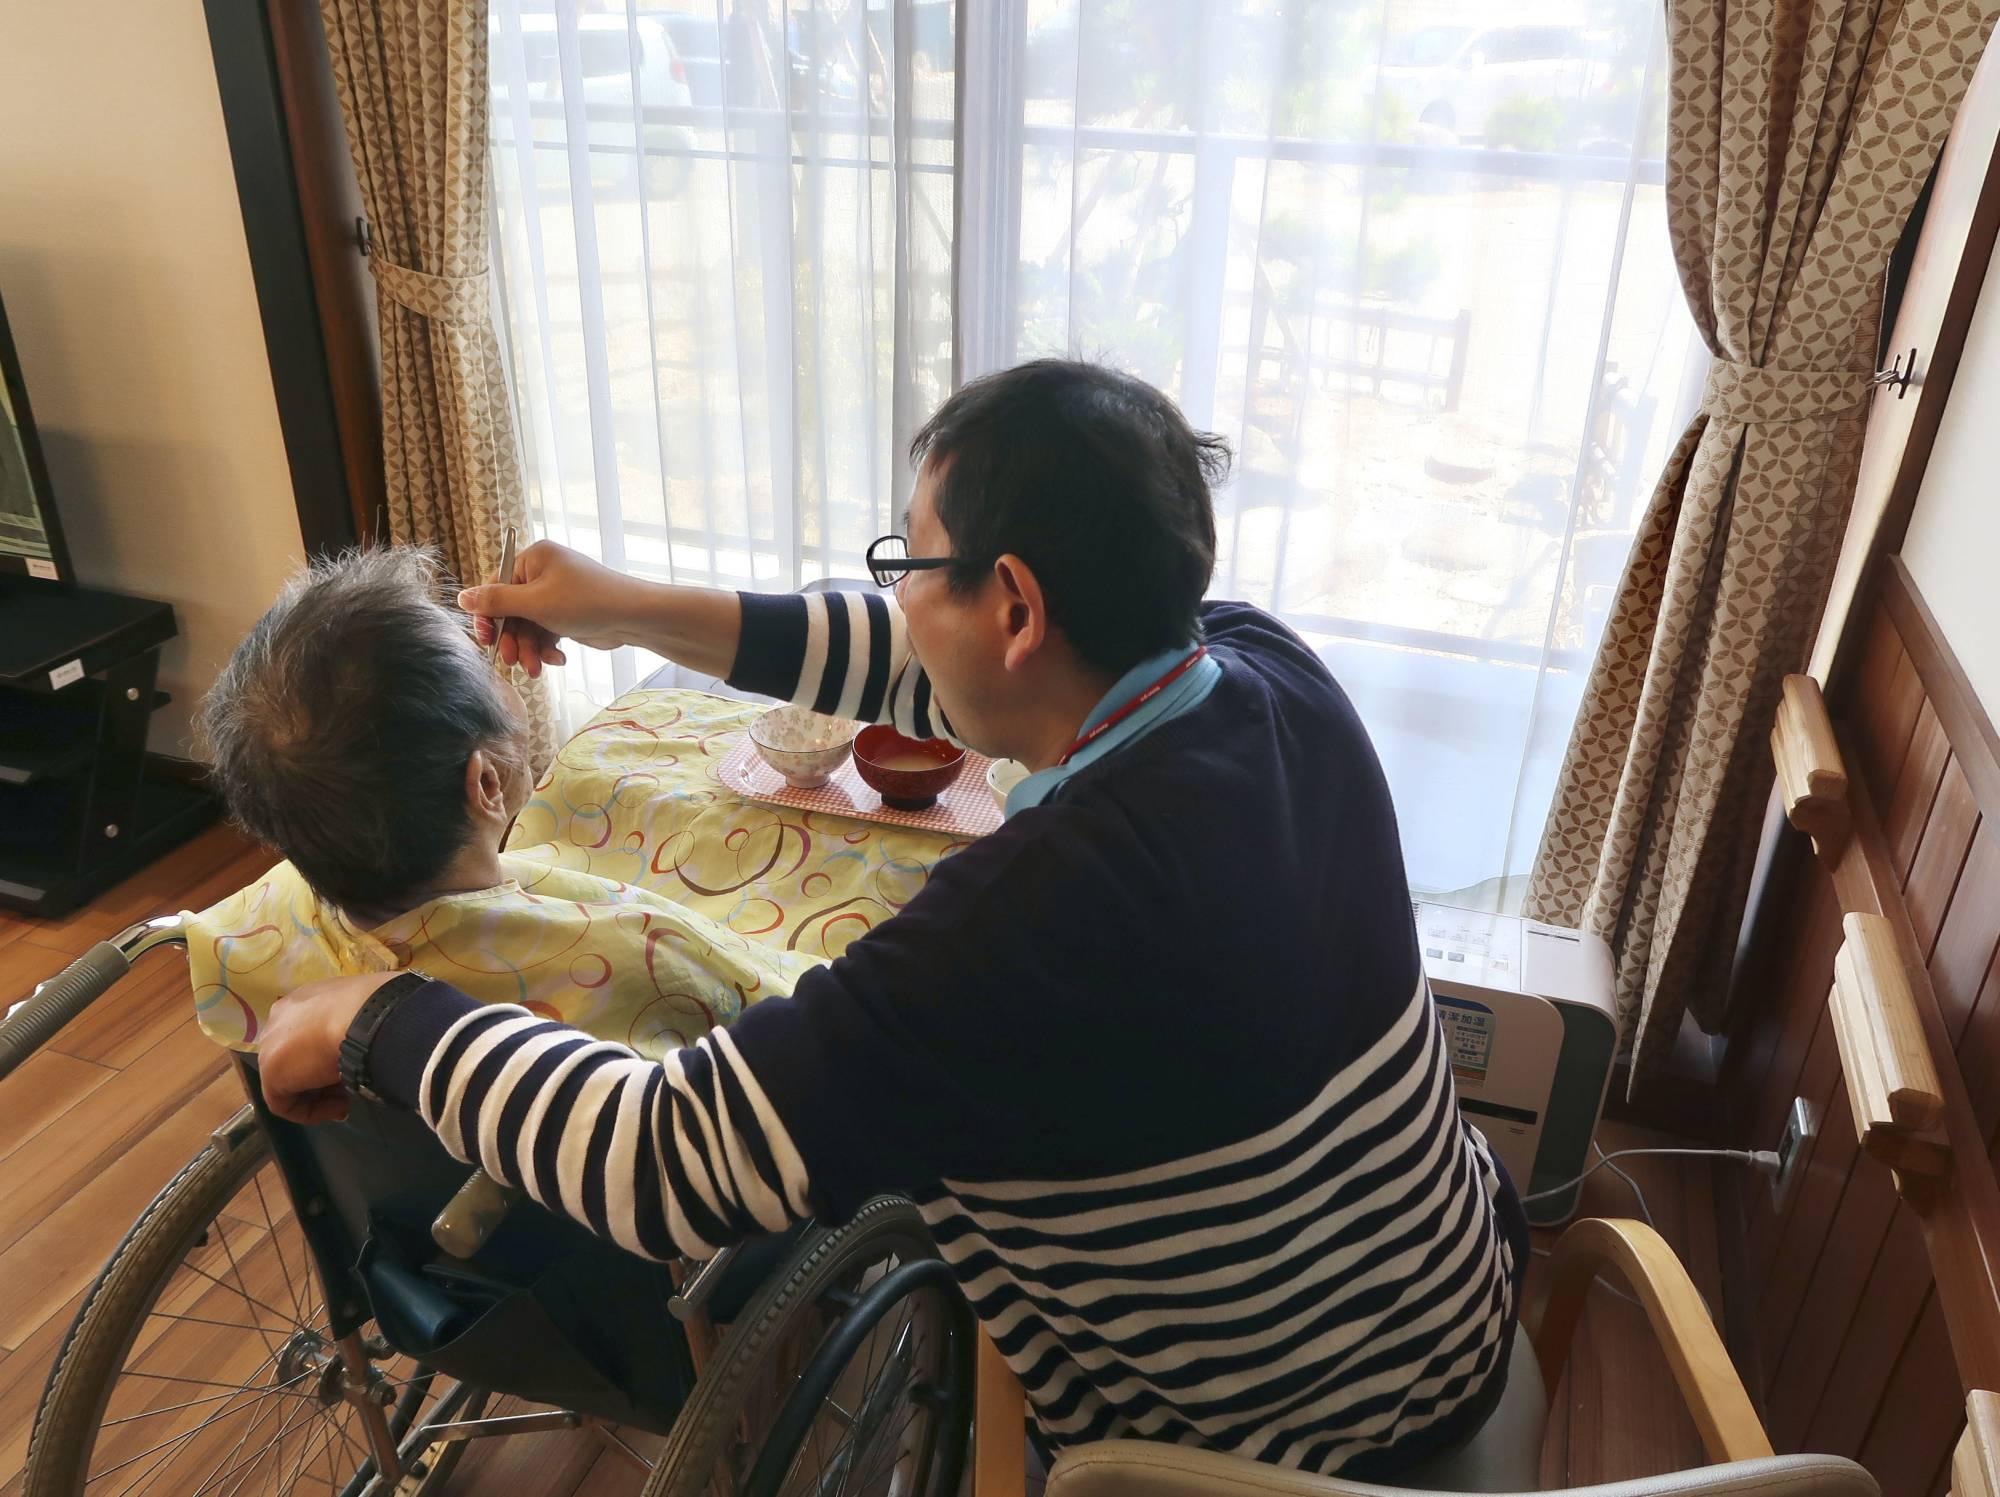 नसुतेको भन्दै नर्सिङ होममा बृद्वालाई हातपात गर्ने केयरगिभर पक्राउ